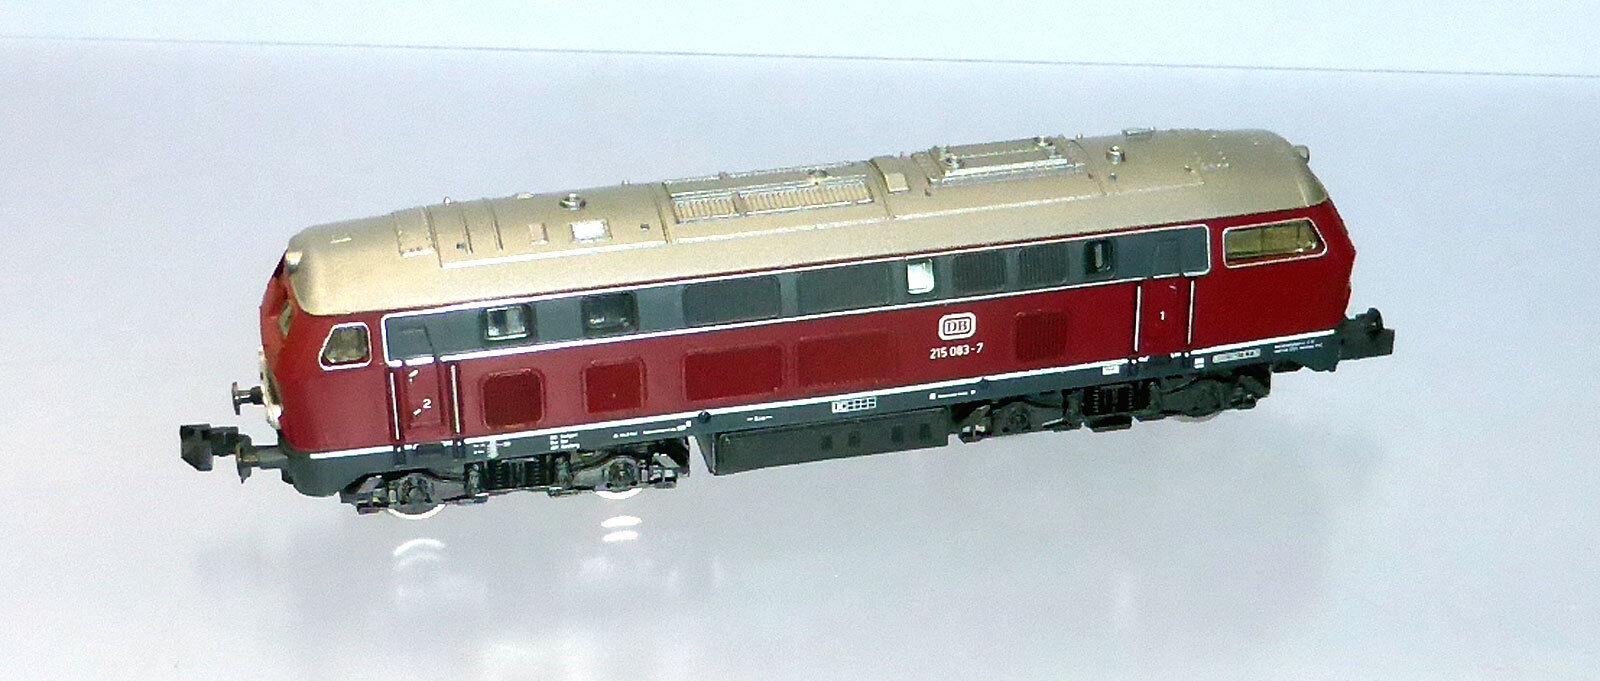 elementi di novità ROCO N N N 02150a; DIESEL 215 083-7 DB in OVP f280  spedizione veloce e miglior servizio